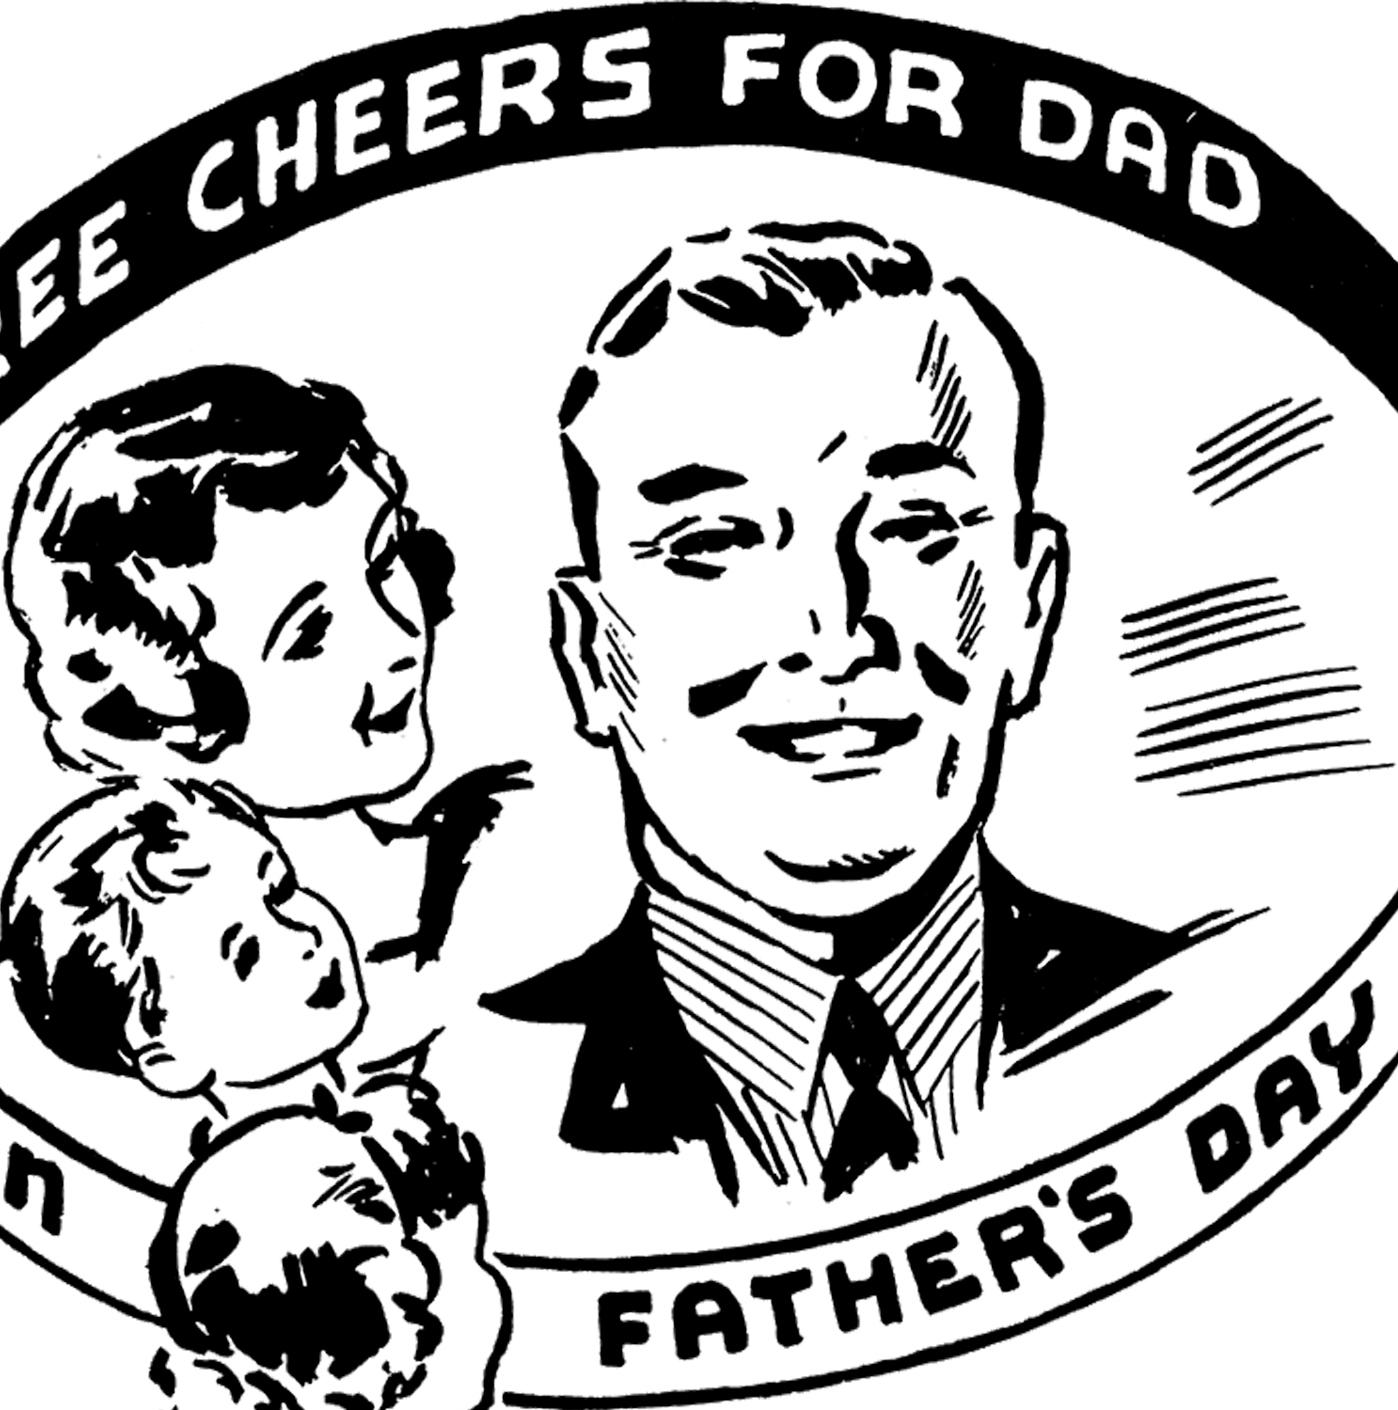 Retro clipart fathers day #5